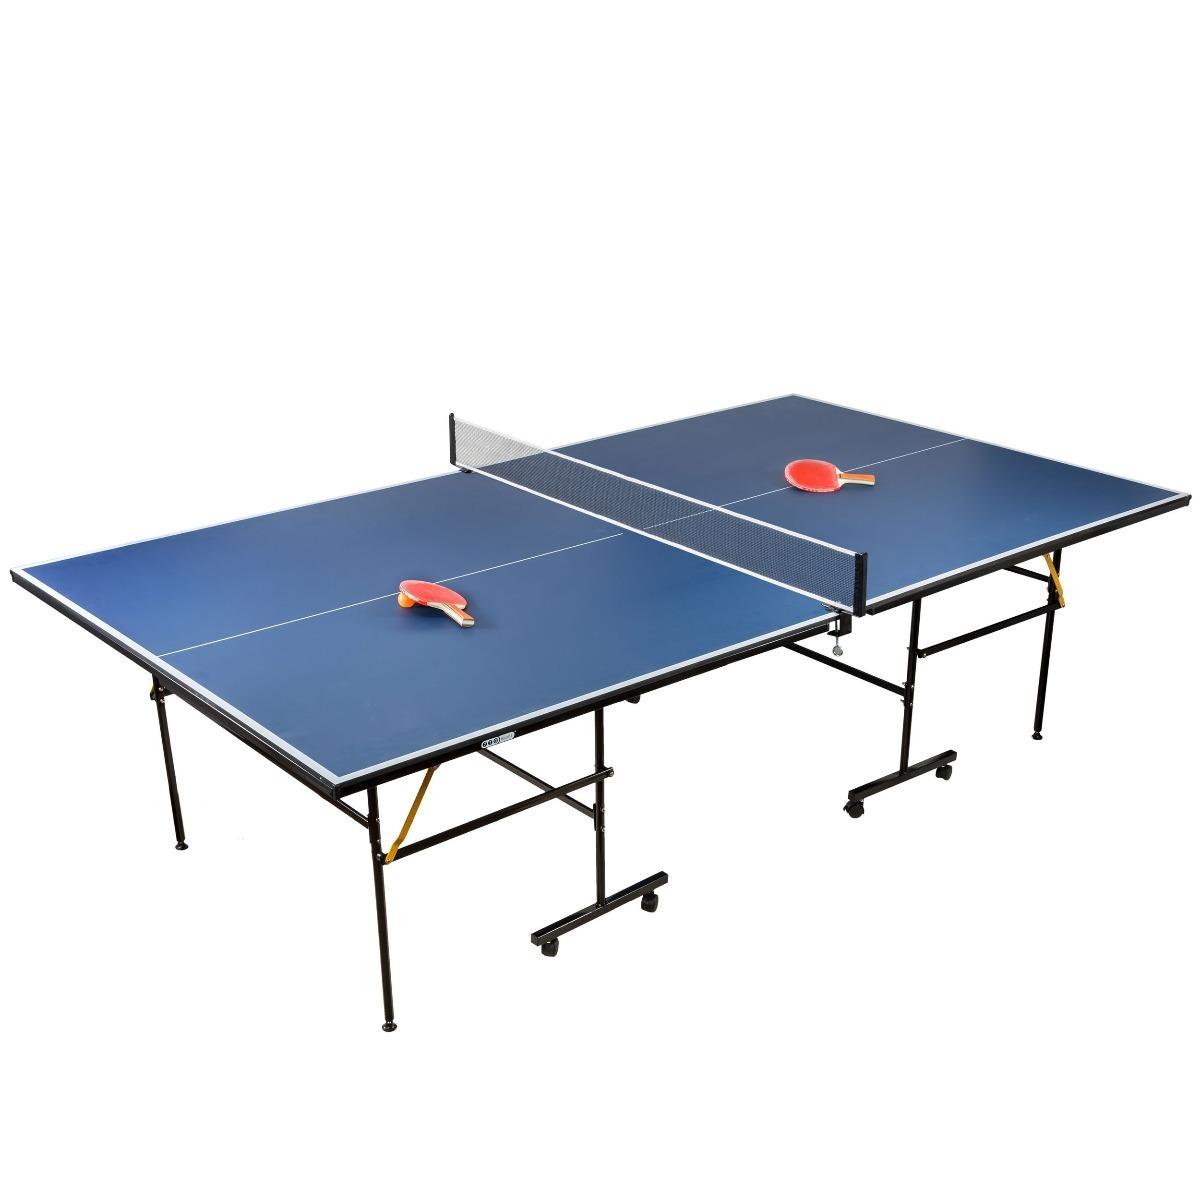 26260a8b63a88 mesa ping pong profesional plegable tenis de mesa (video). Cargando zoom.